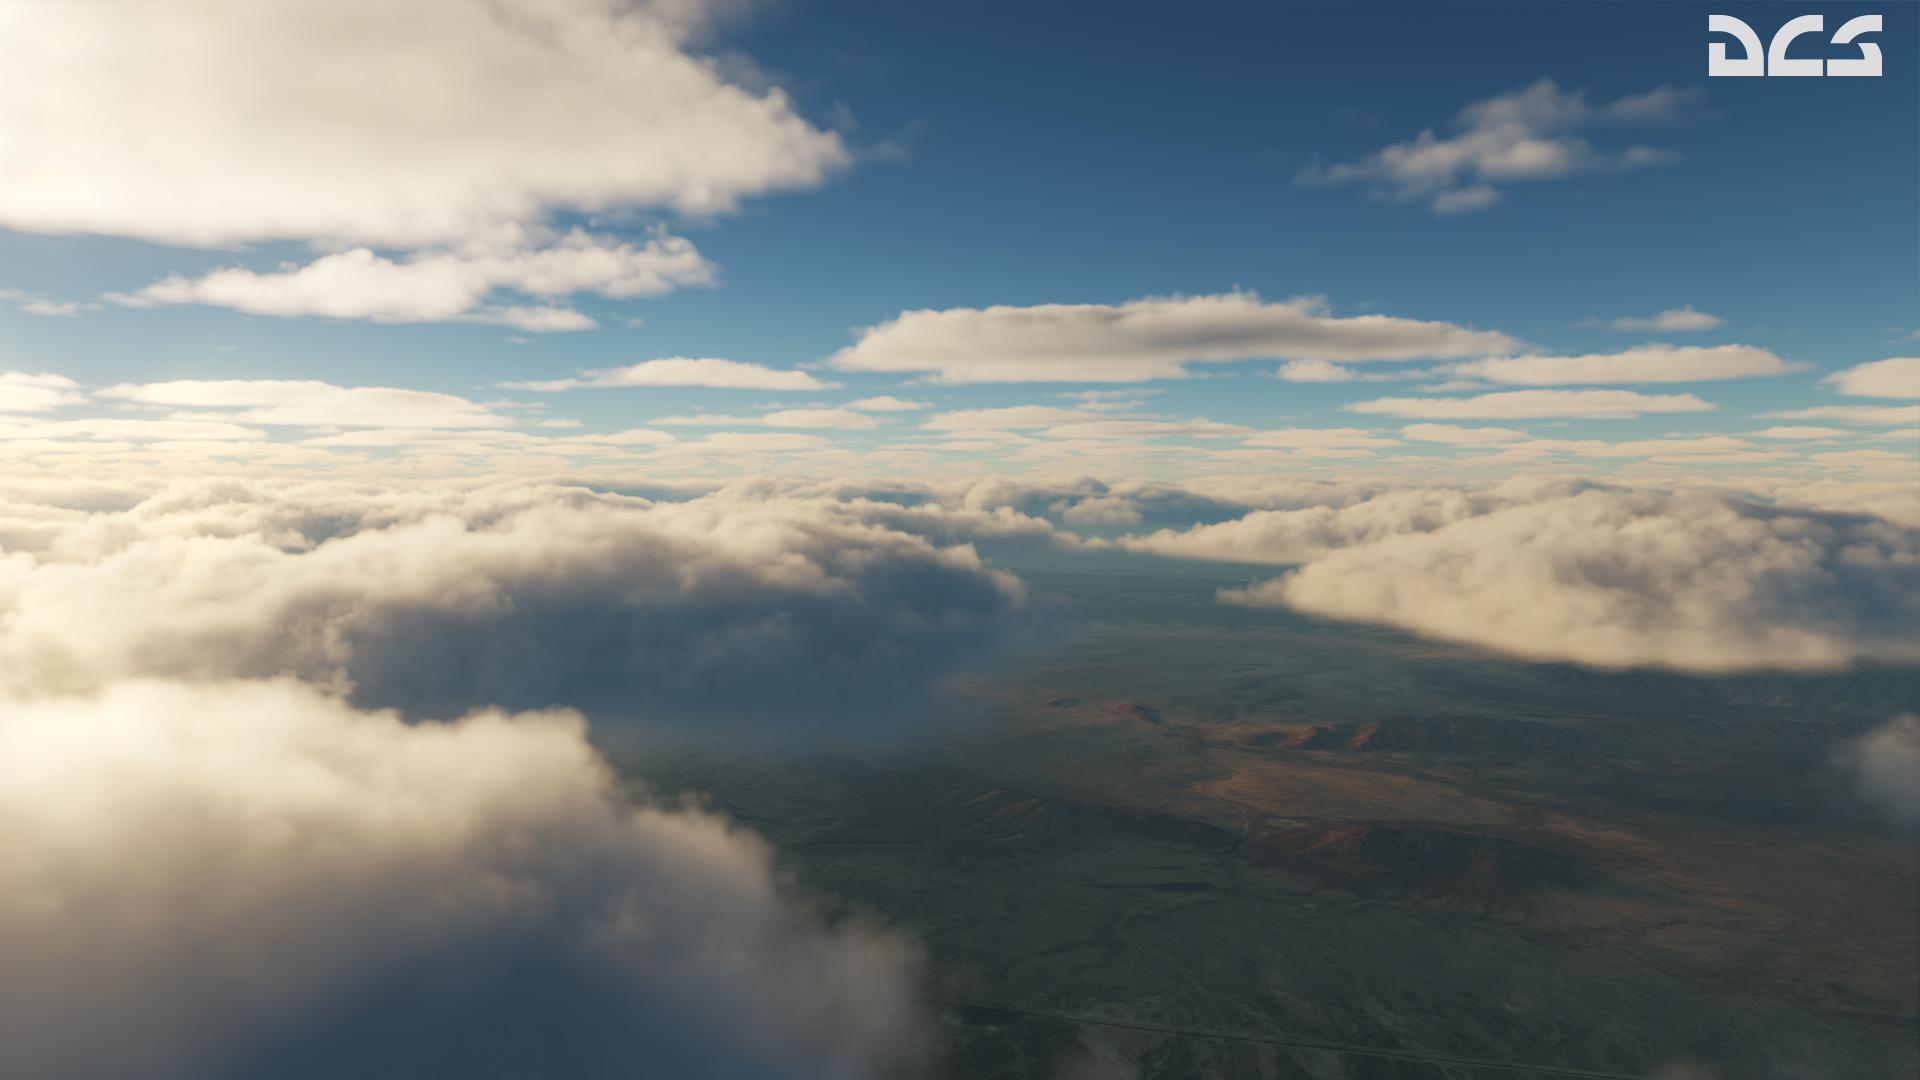 dcs-world-flight-simulator-05.jpg